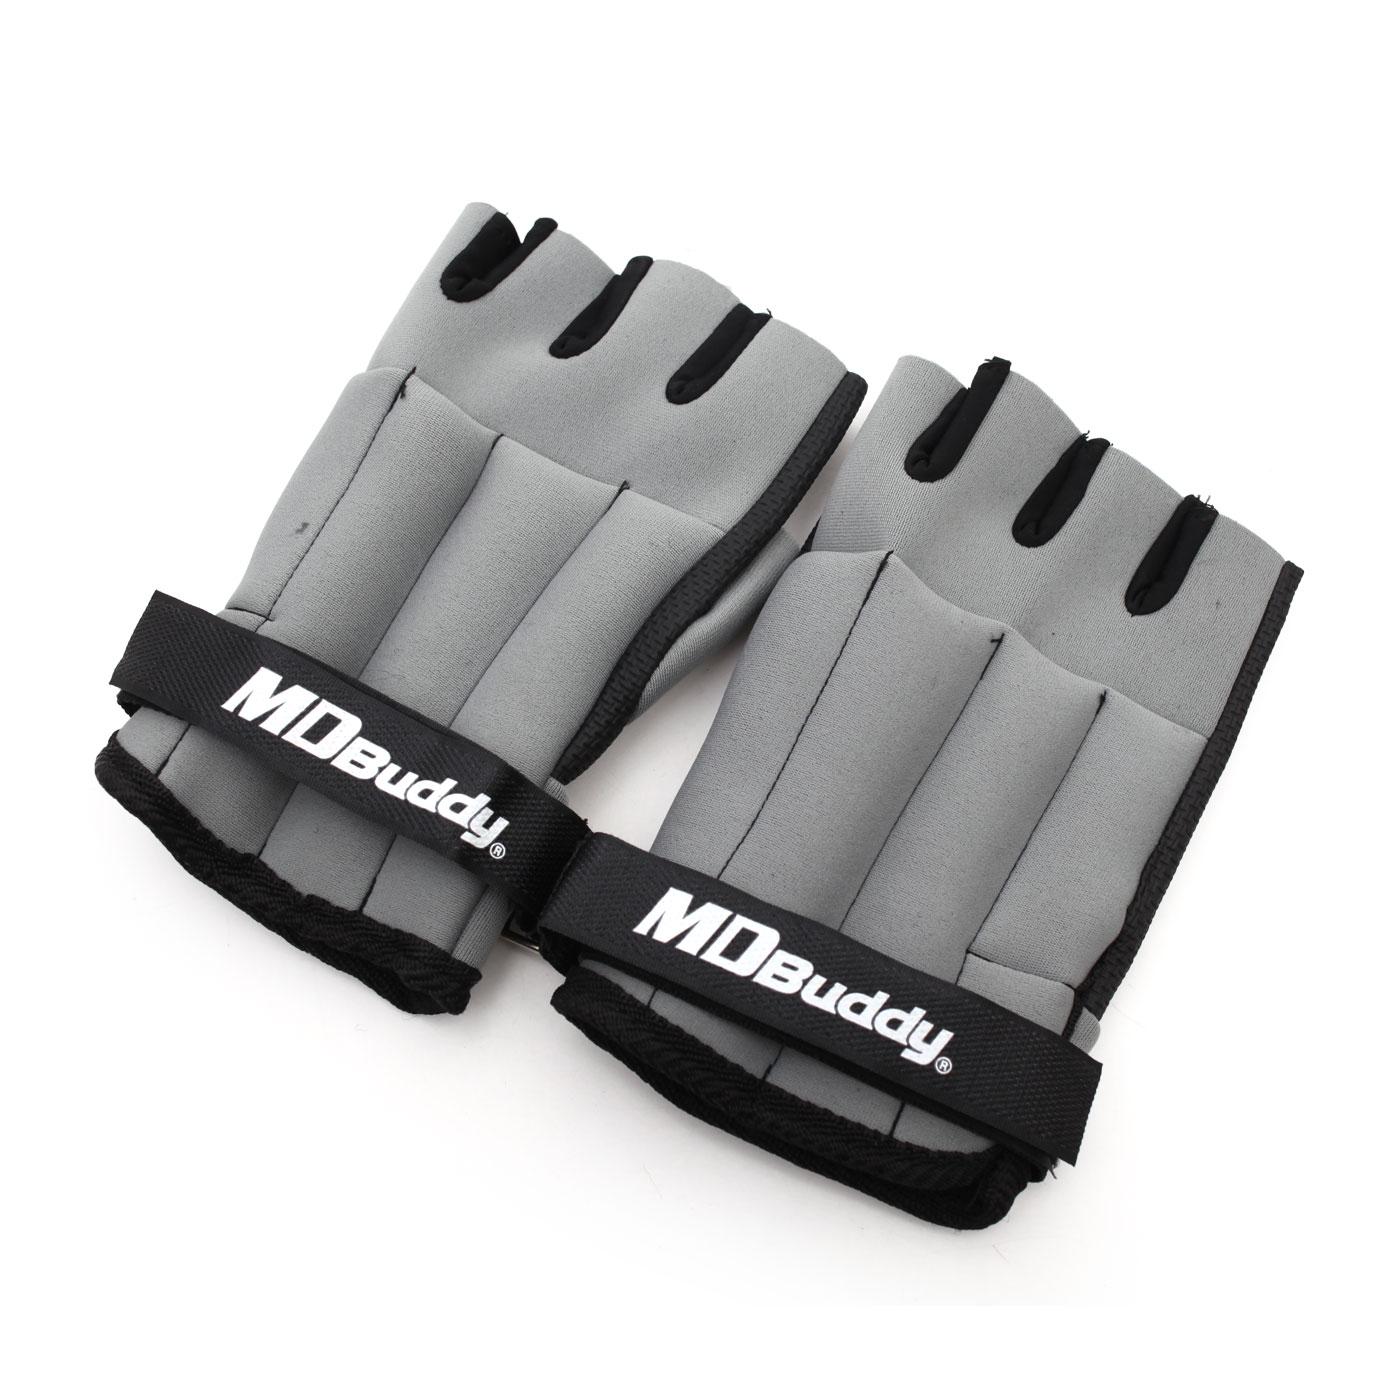 MDBuddy 負重手套(0.5KG) 6011601 - 隨機